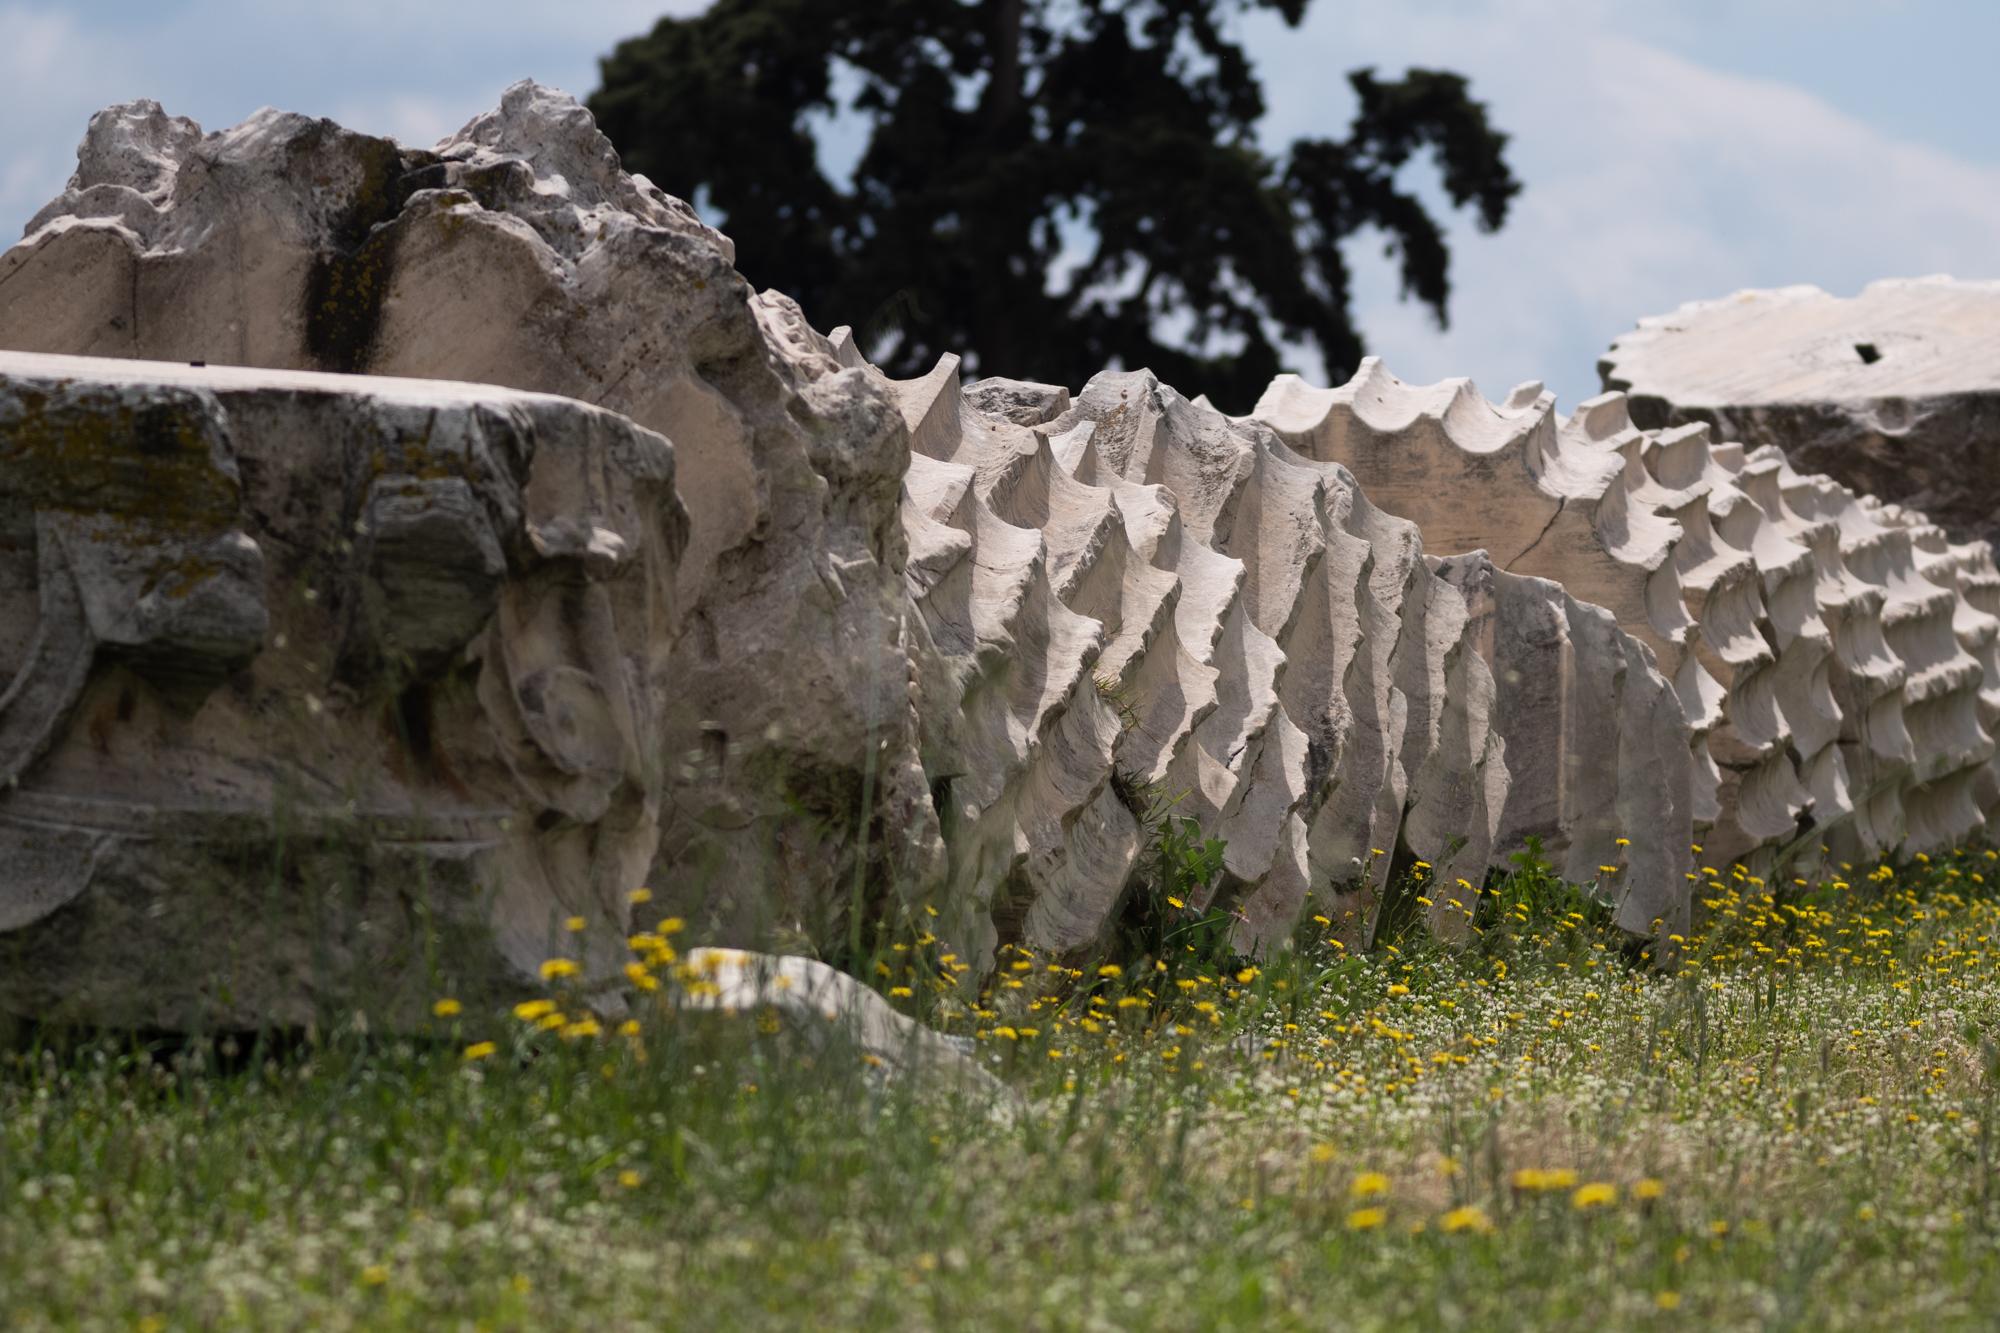 More fallen columns of the Temple of Zeus